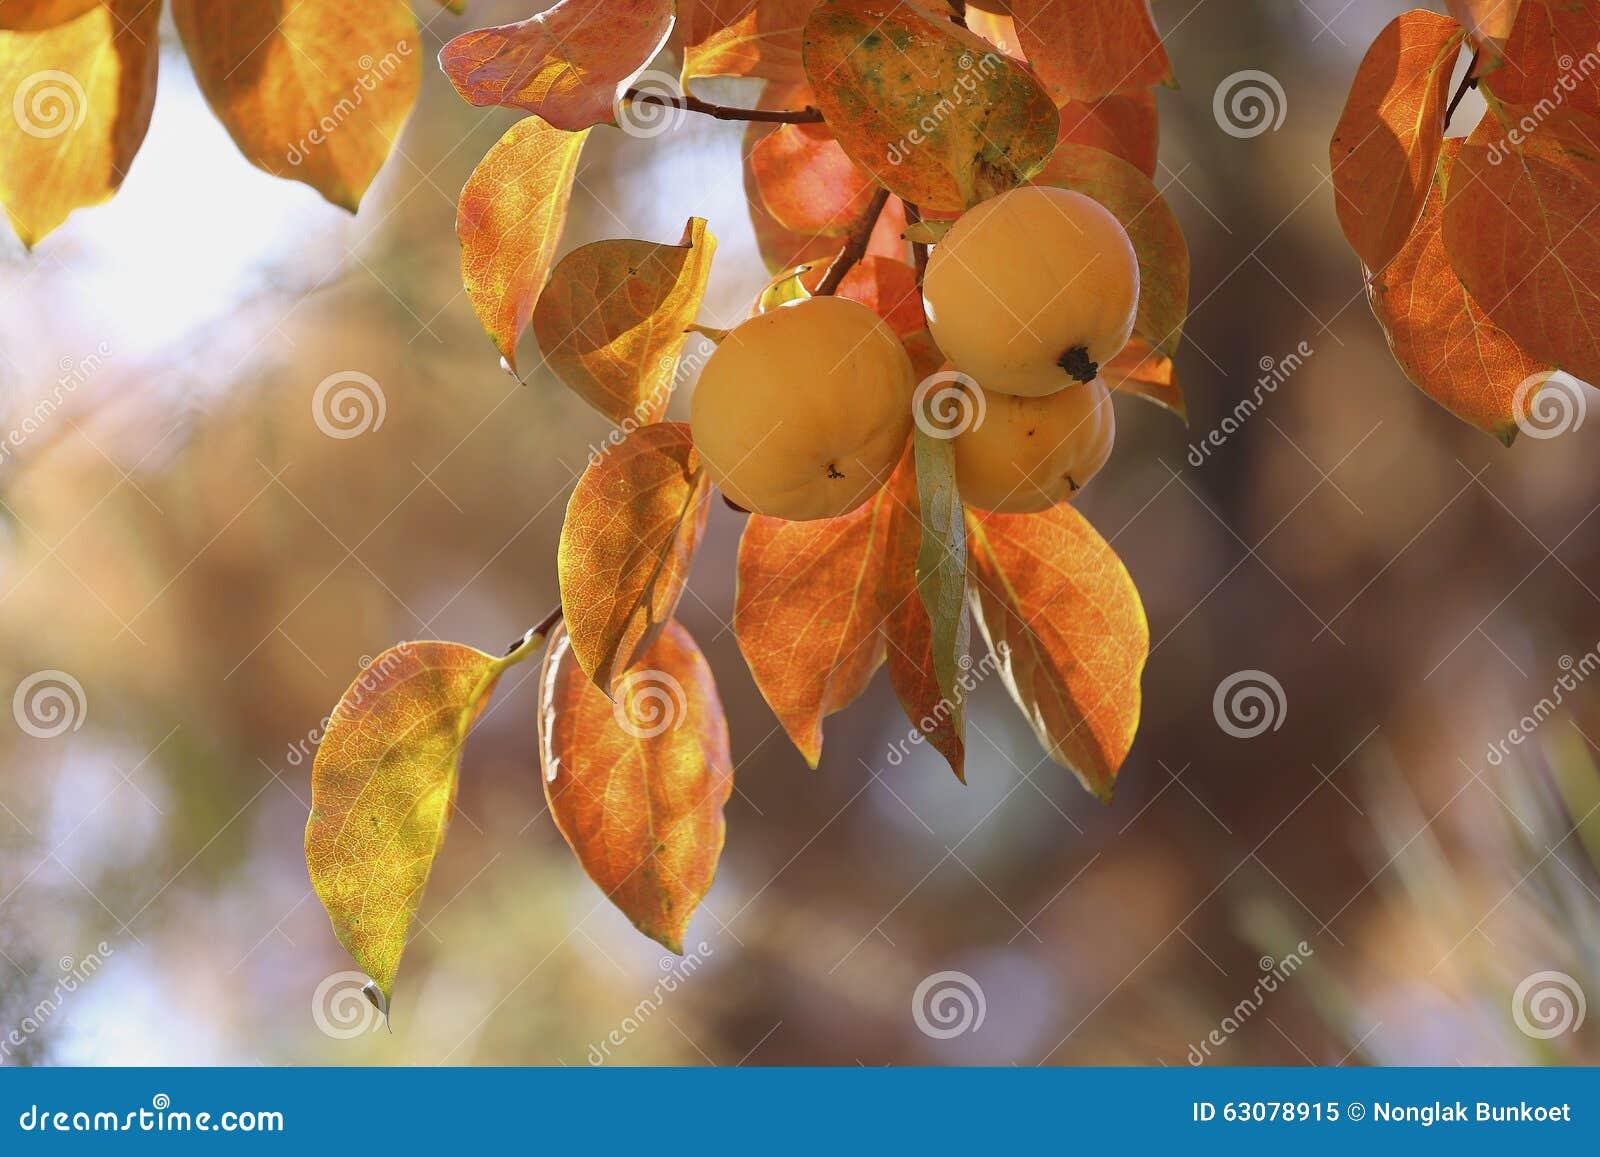 Download Kakis sur l'arbre image stock. Image du orange, organique - 63078915